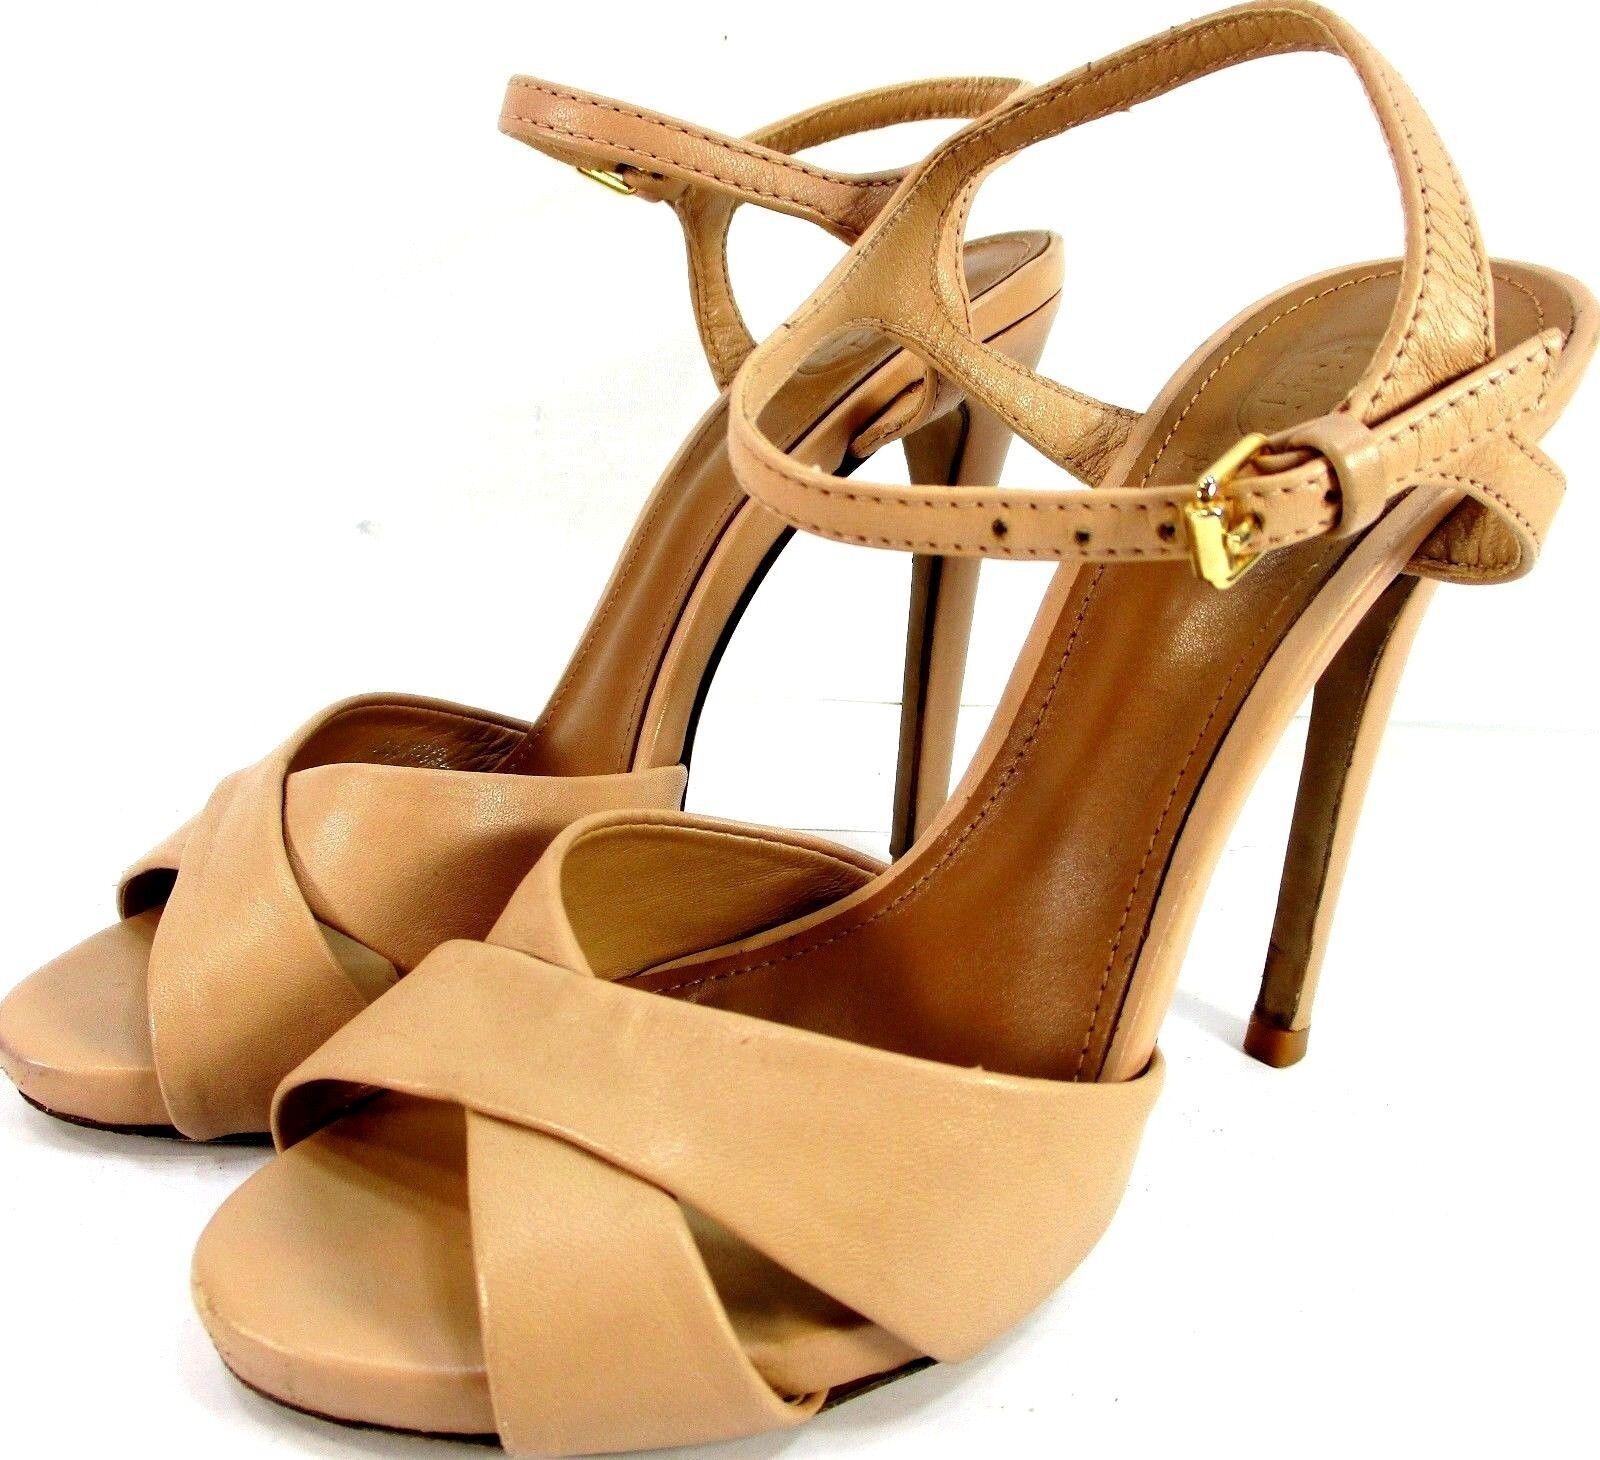 ordinare on-line Tory Burch donna donna donna Heels Dimensione 5.5 M Beige Leather Brass Buckle 5  Heels  tutto in alta qualità e prezzo basso